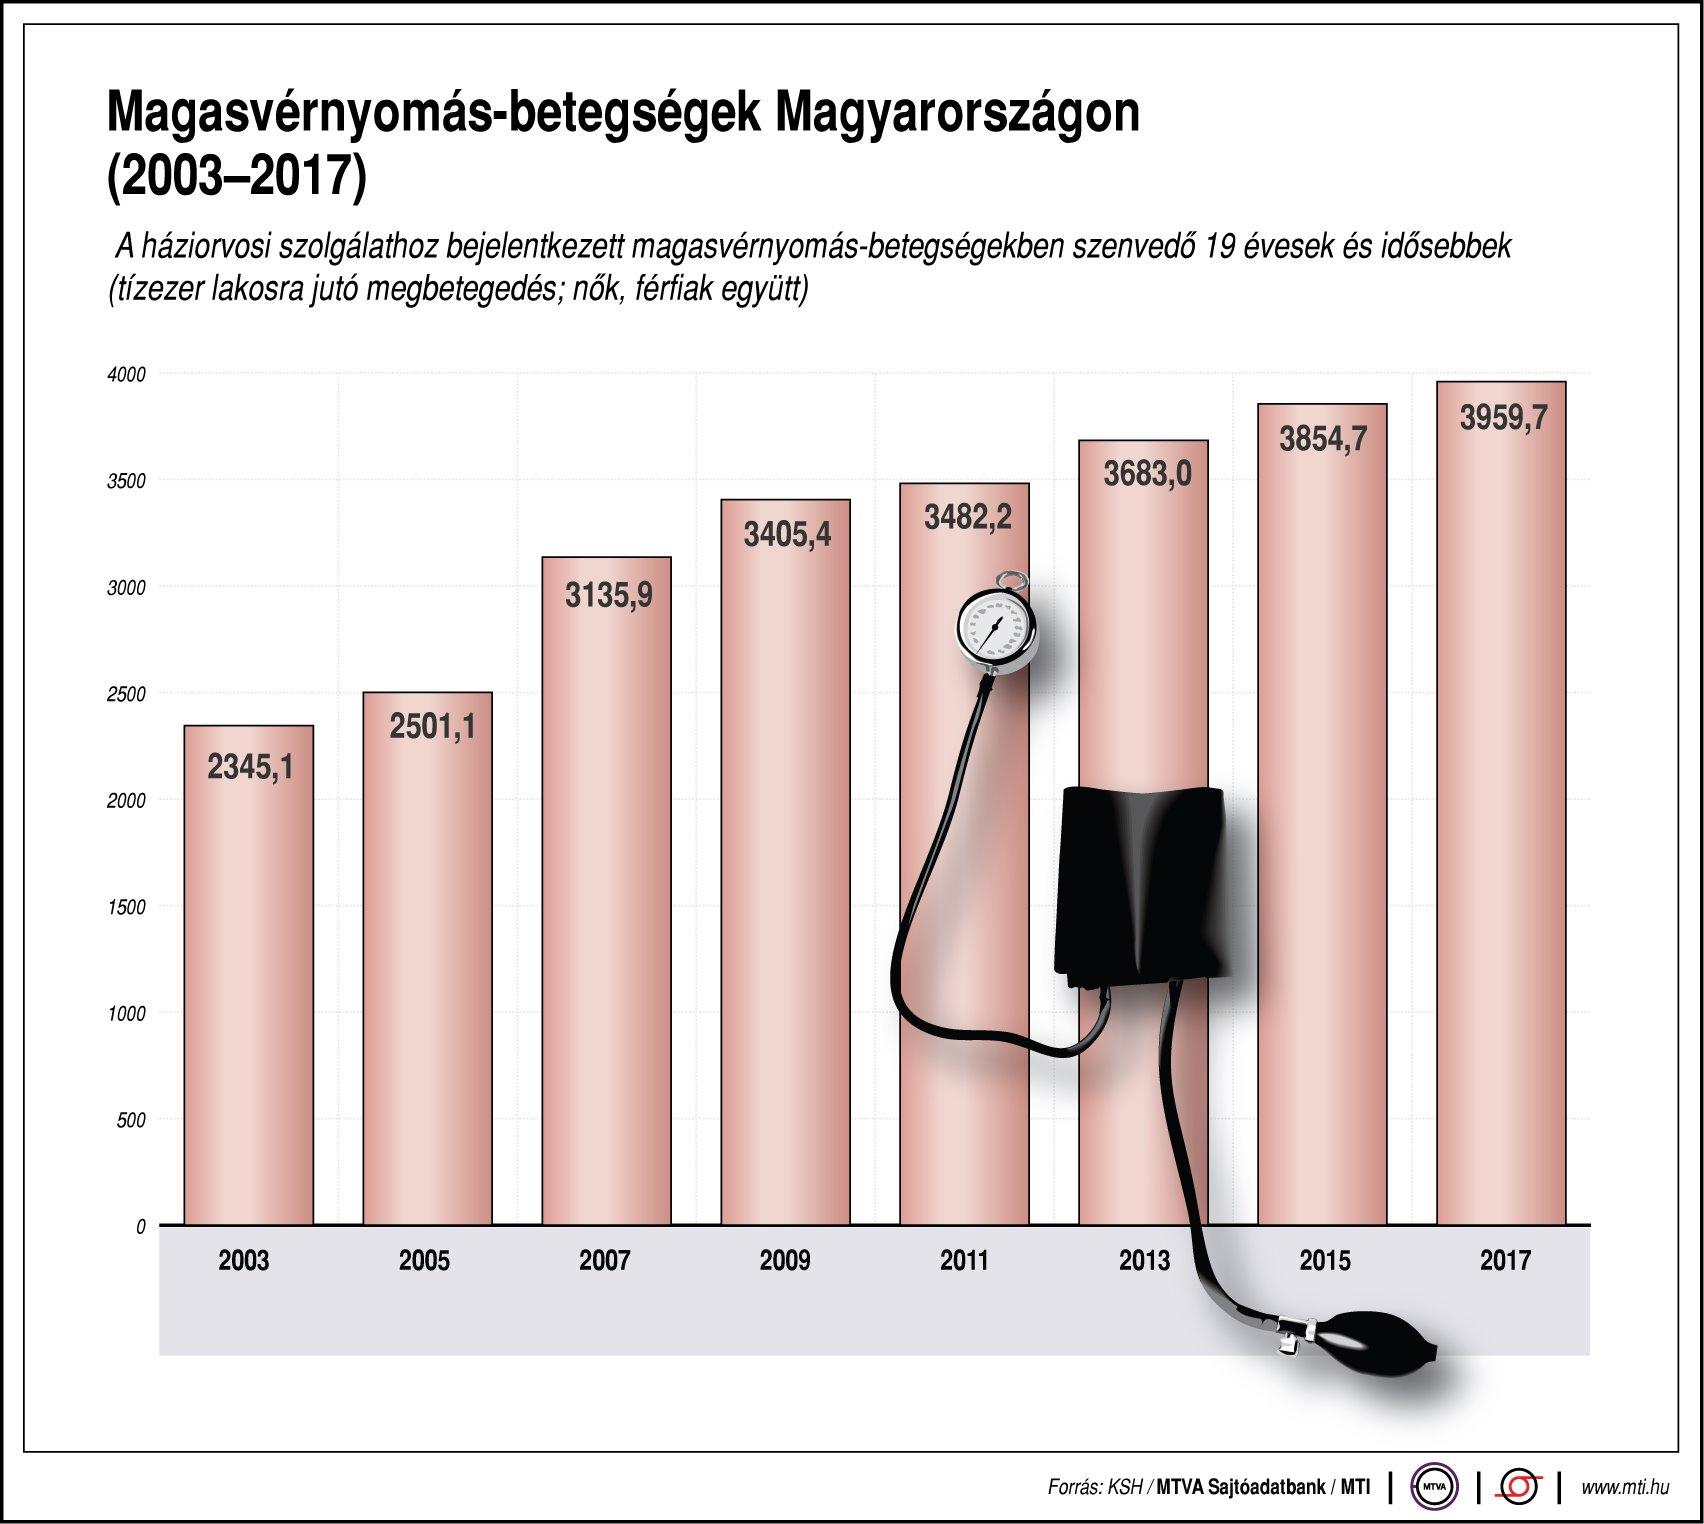 magas vérnyomás kamra